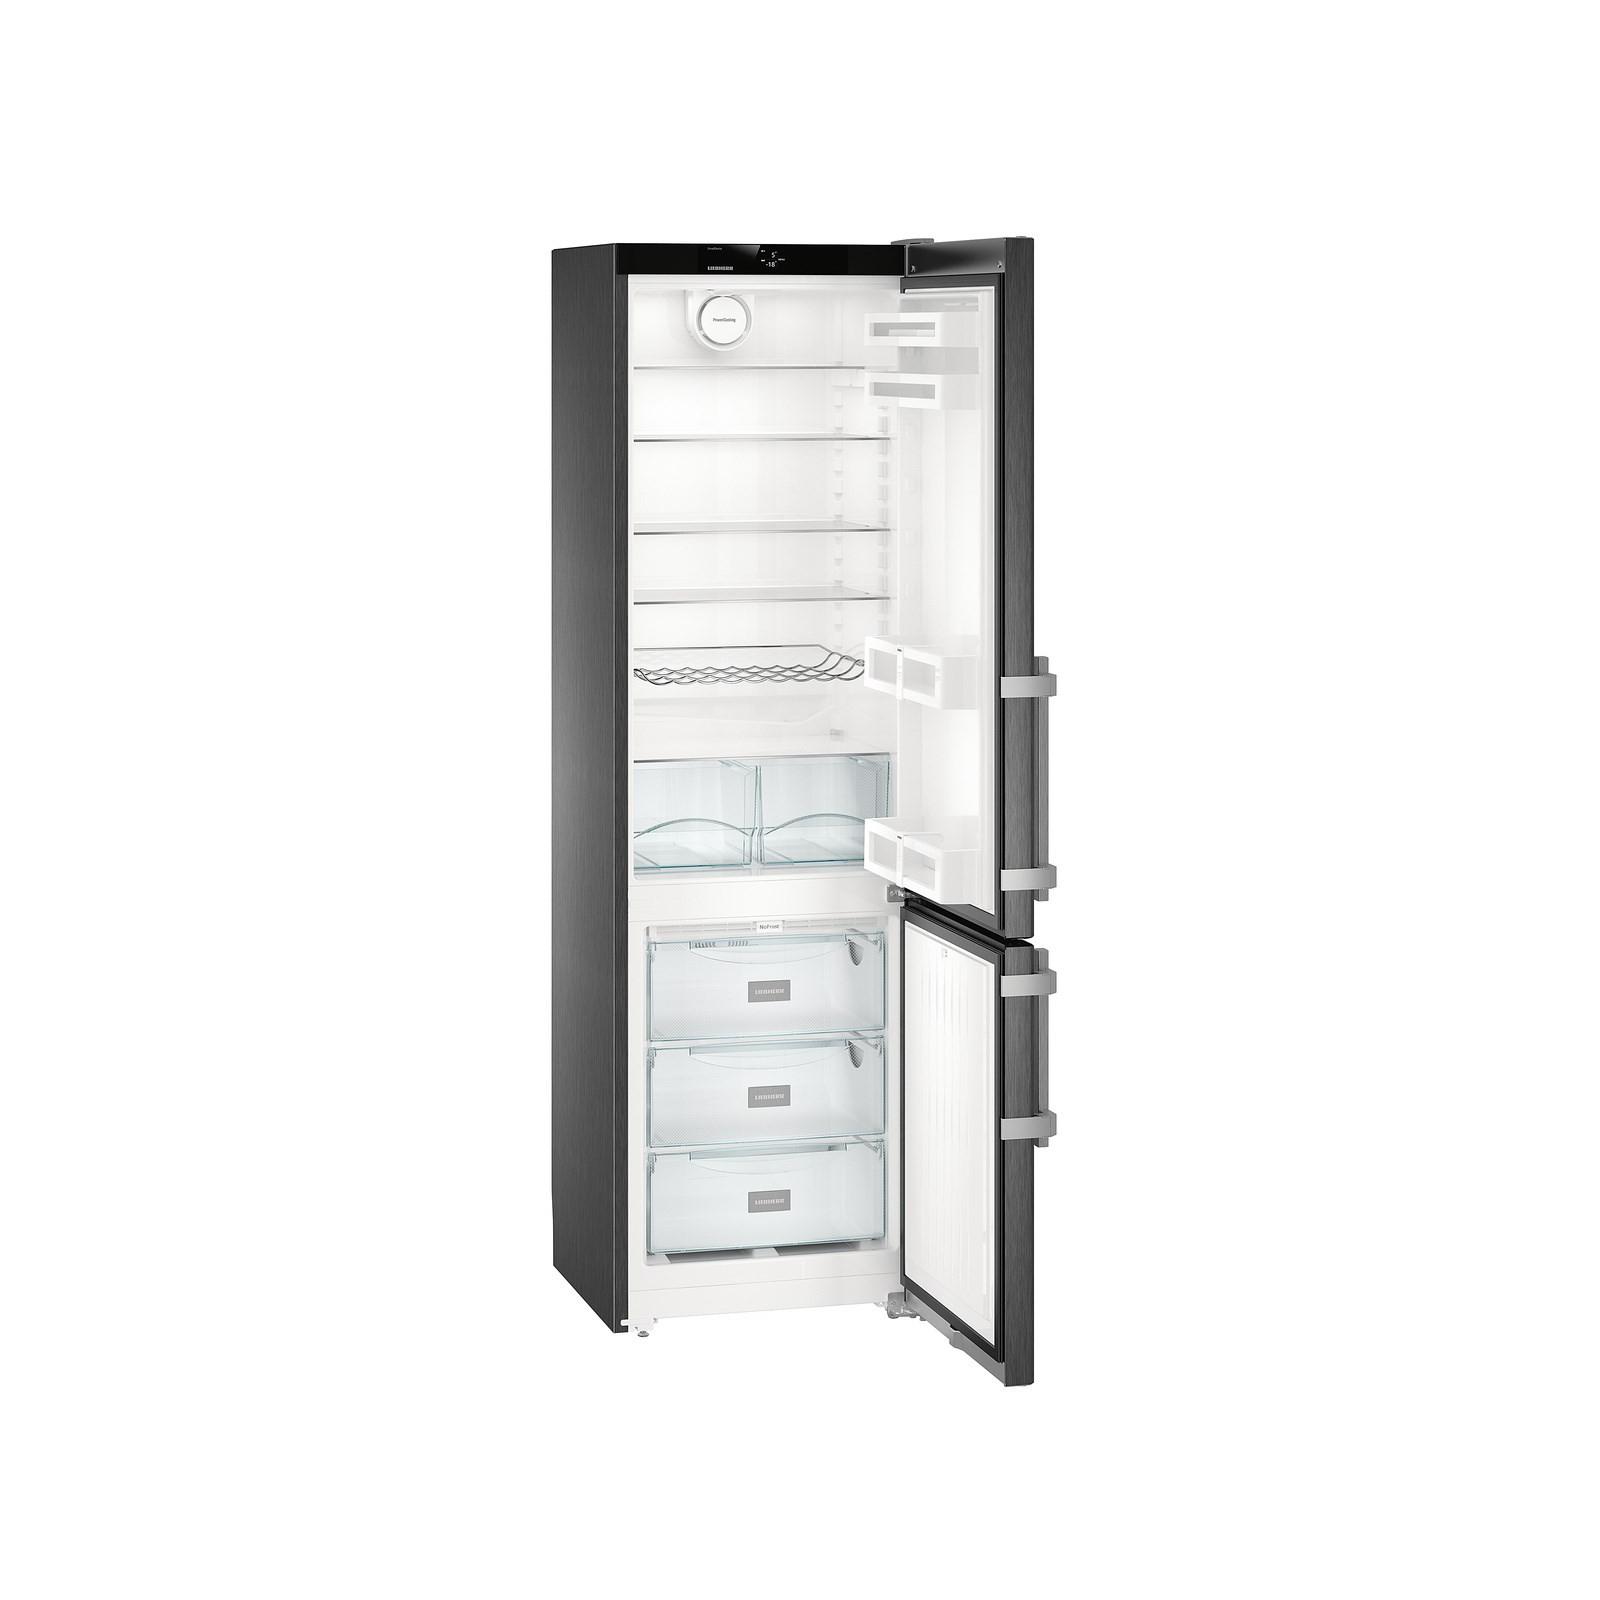 Холодильник Liebherr CNbs 4015 изображение 3